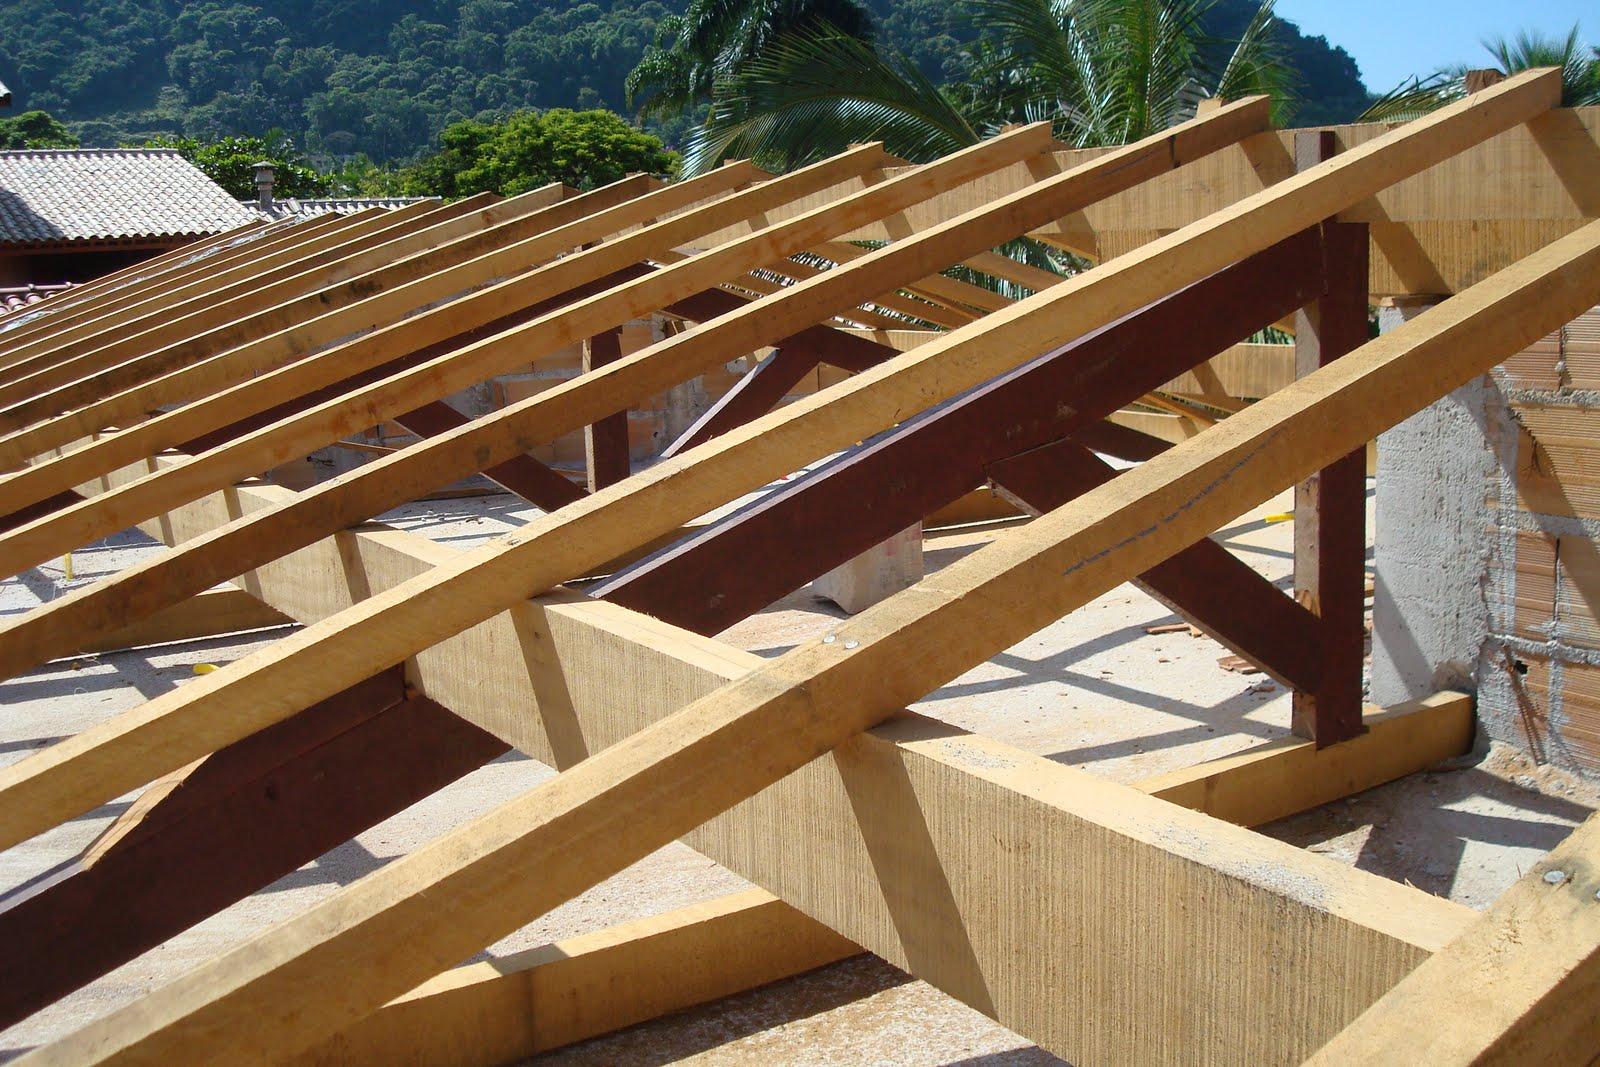 09 Coberturas estrutura de madeira e telha cerâmica portuguesa  #0E75BD 1600x1067